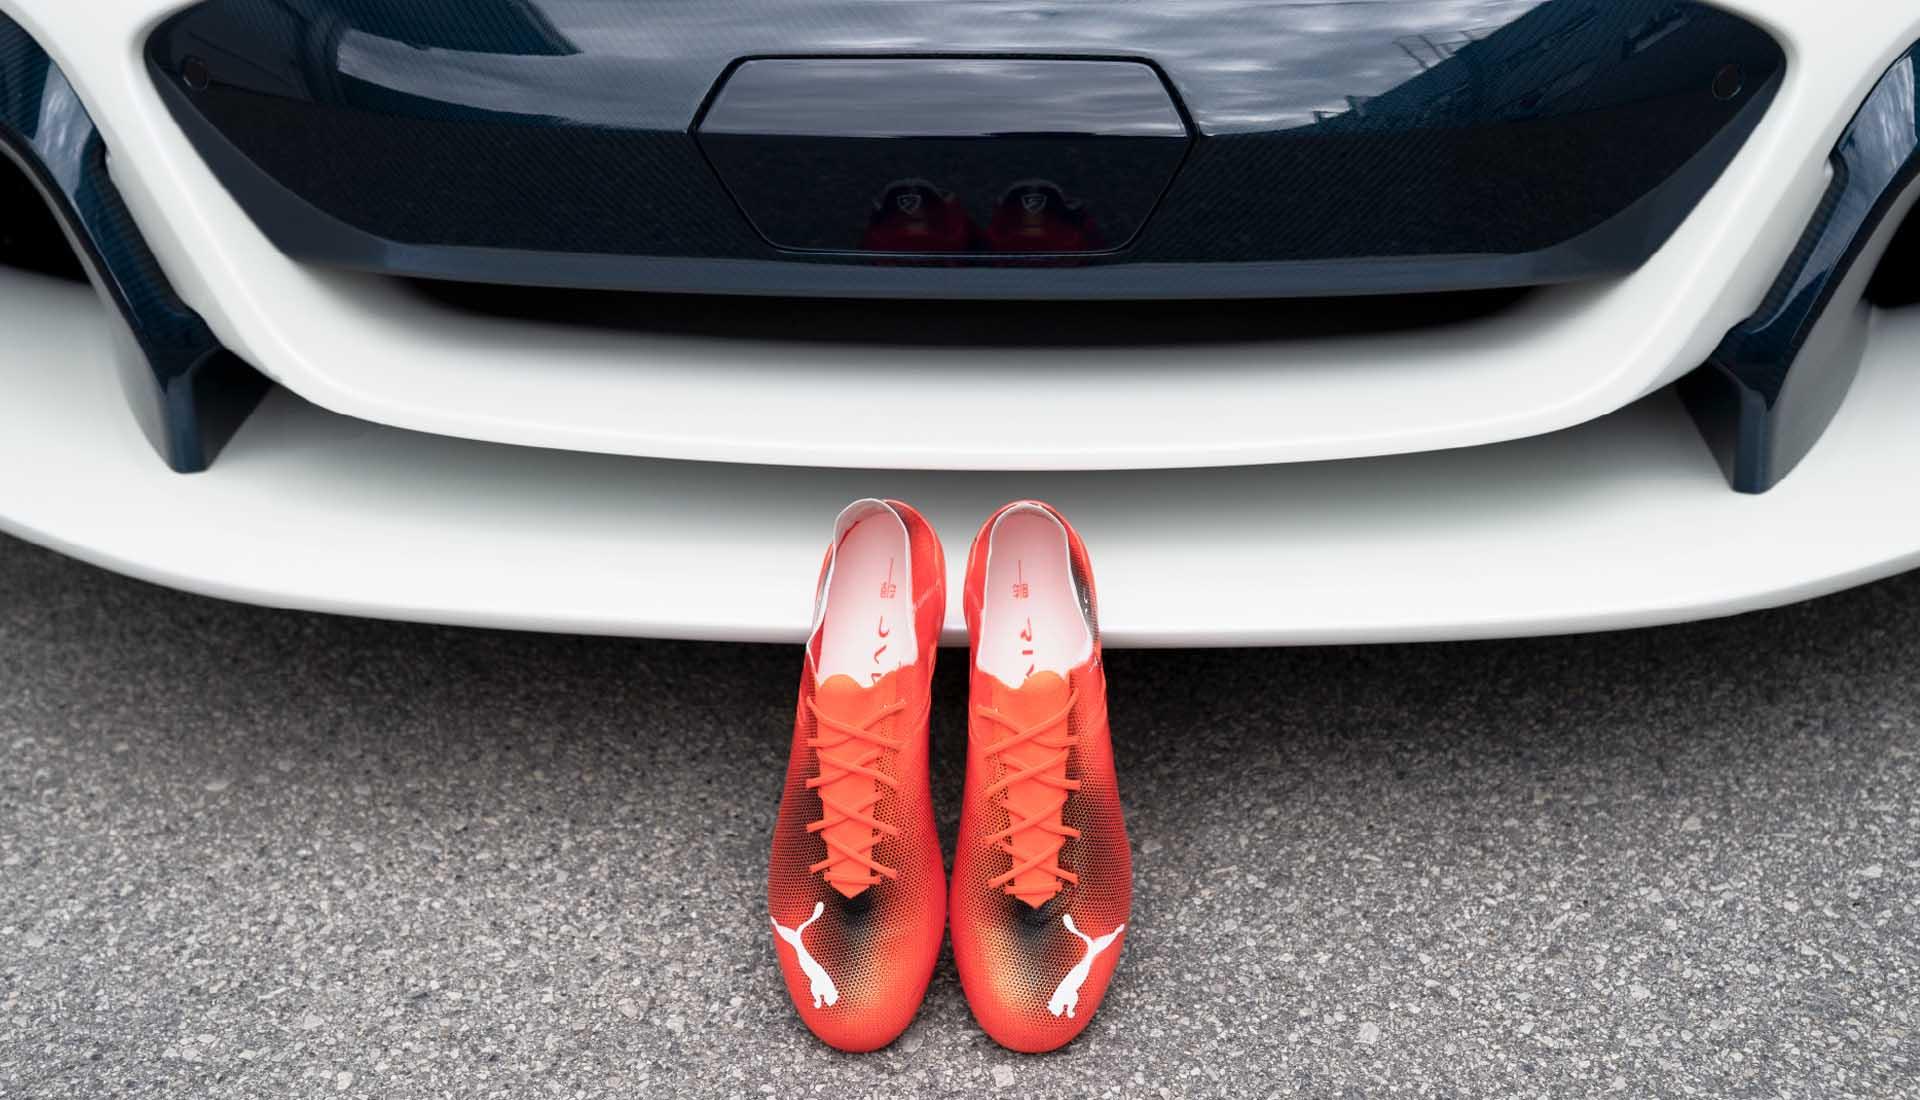 Giày đá bóng Puma siêu nhẹ Ultra SL x Rimac được bán với mức giá hơn 11tr VNĐ